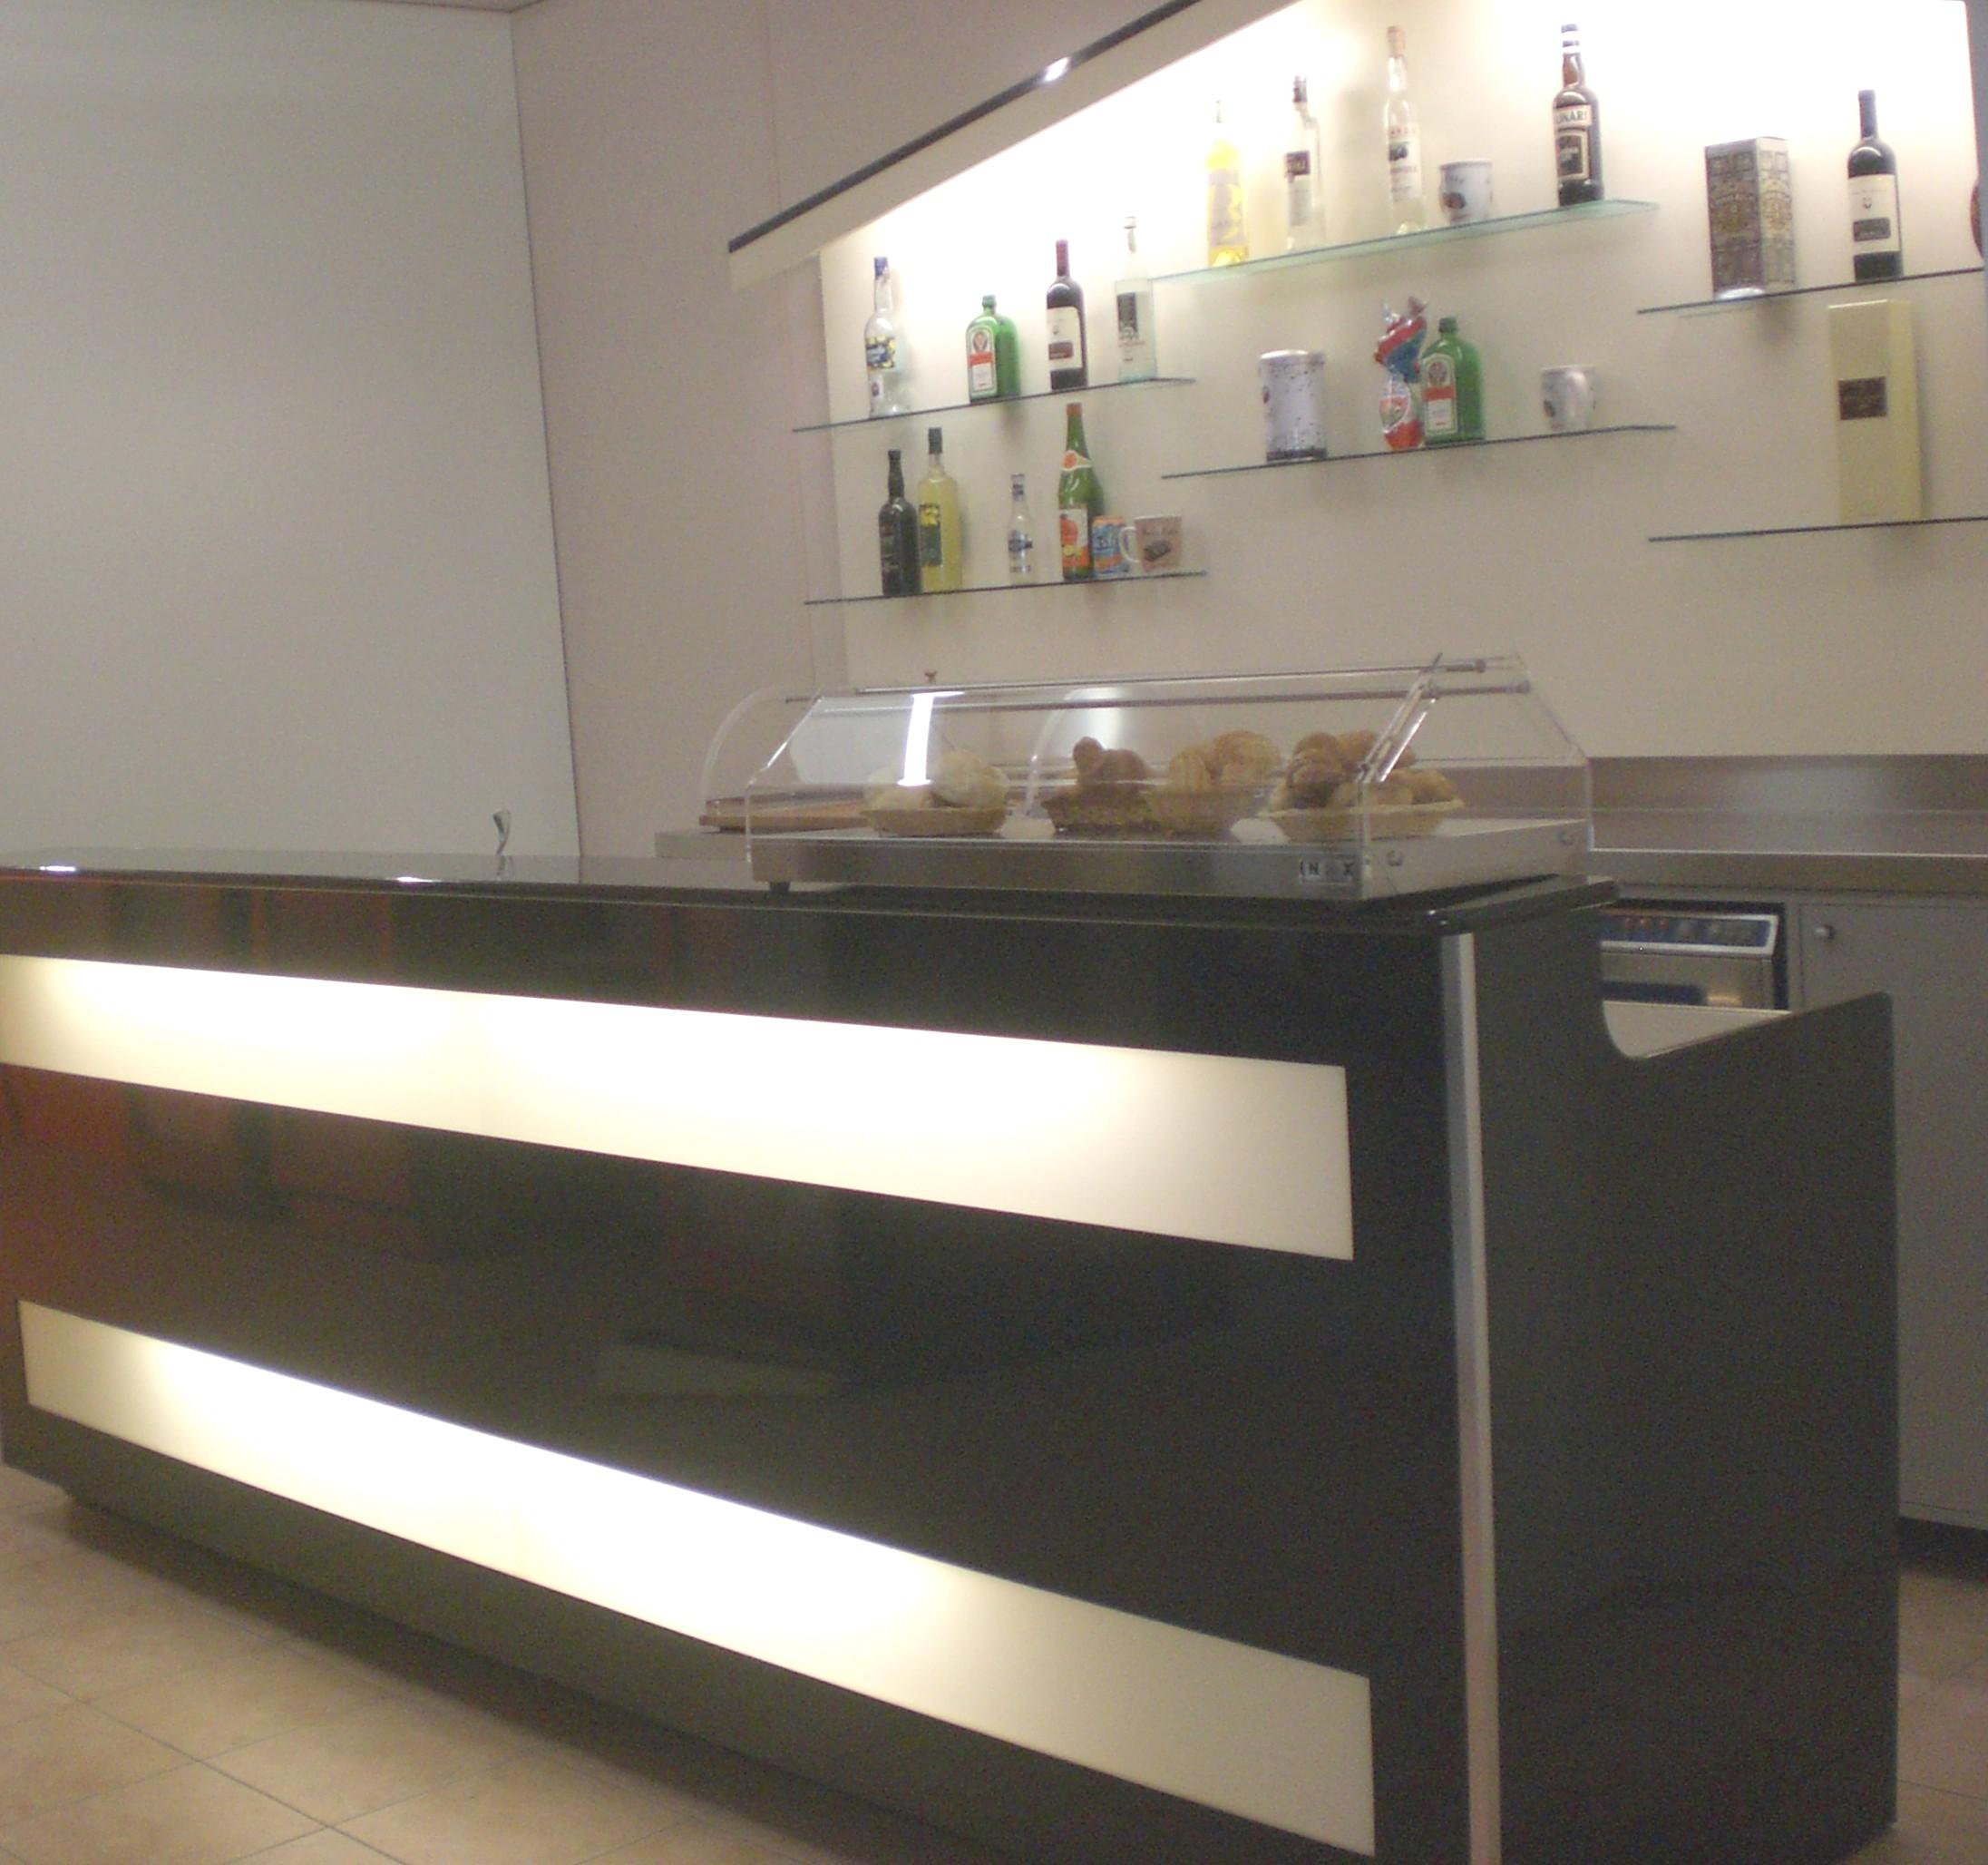 Banchi bar prezzi banchi bar banconi bar banchi frigo for Ikea bancone bar